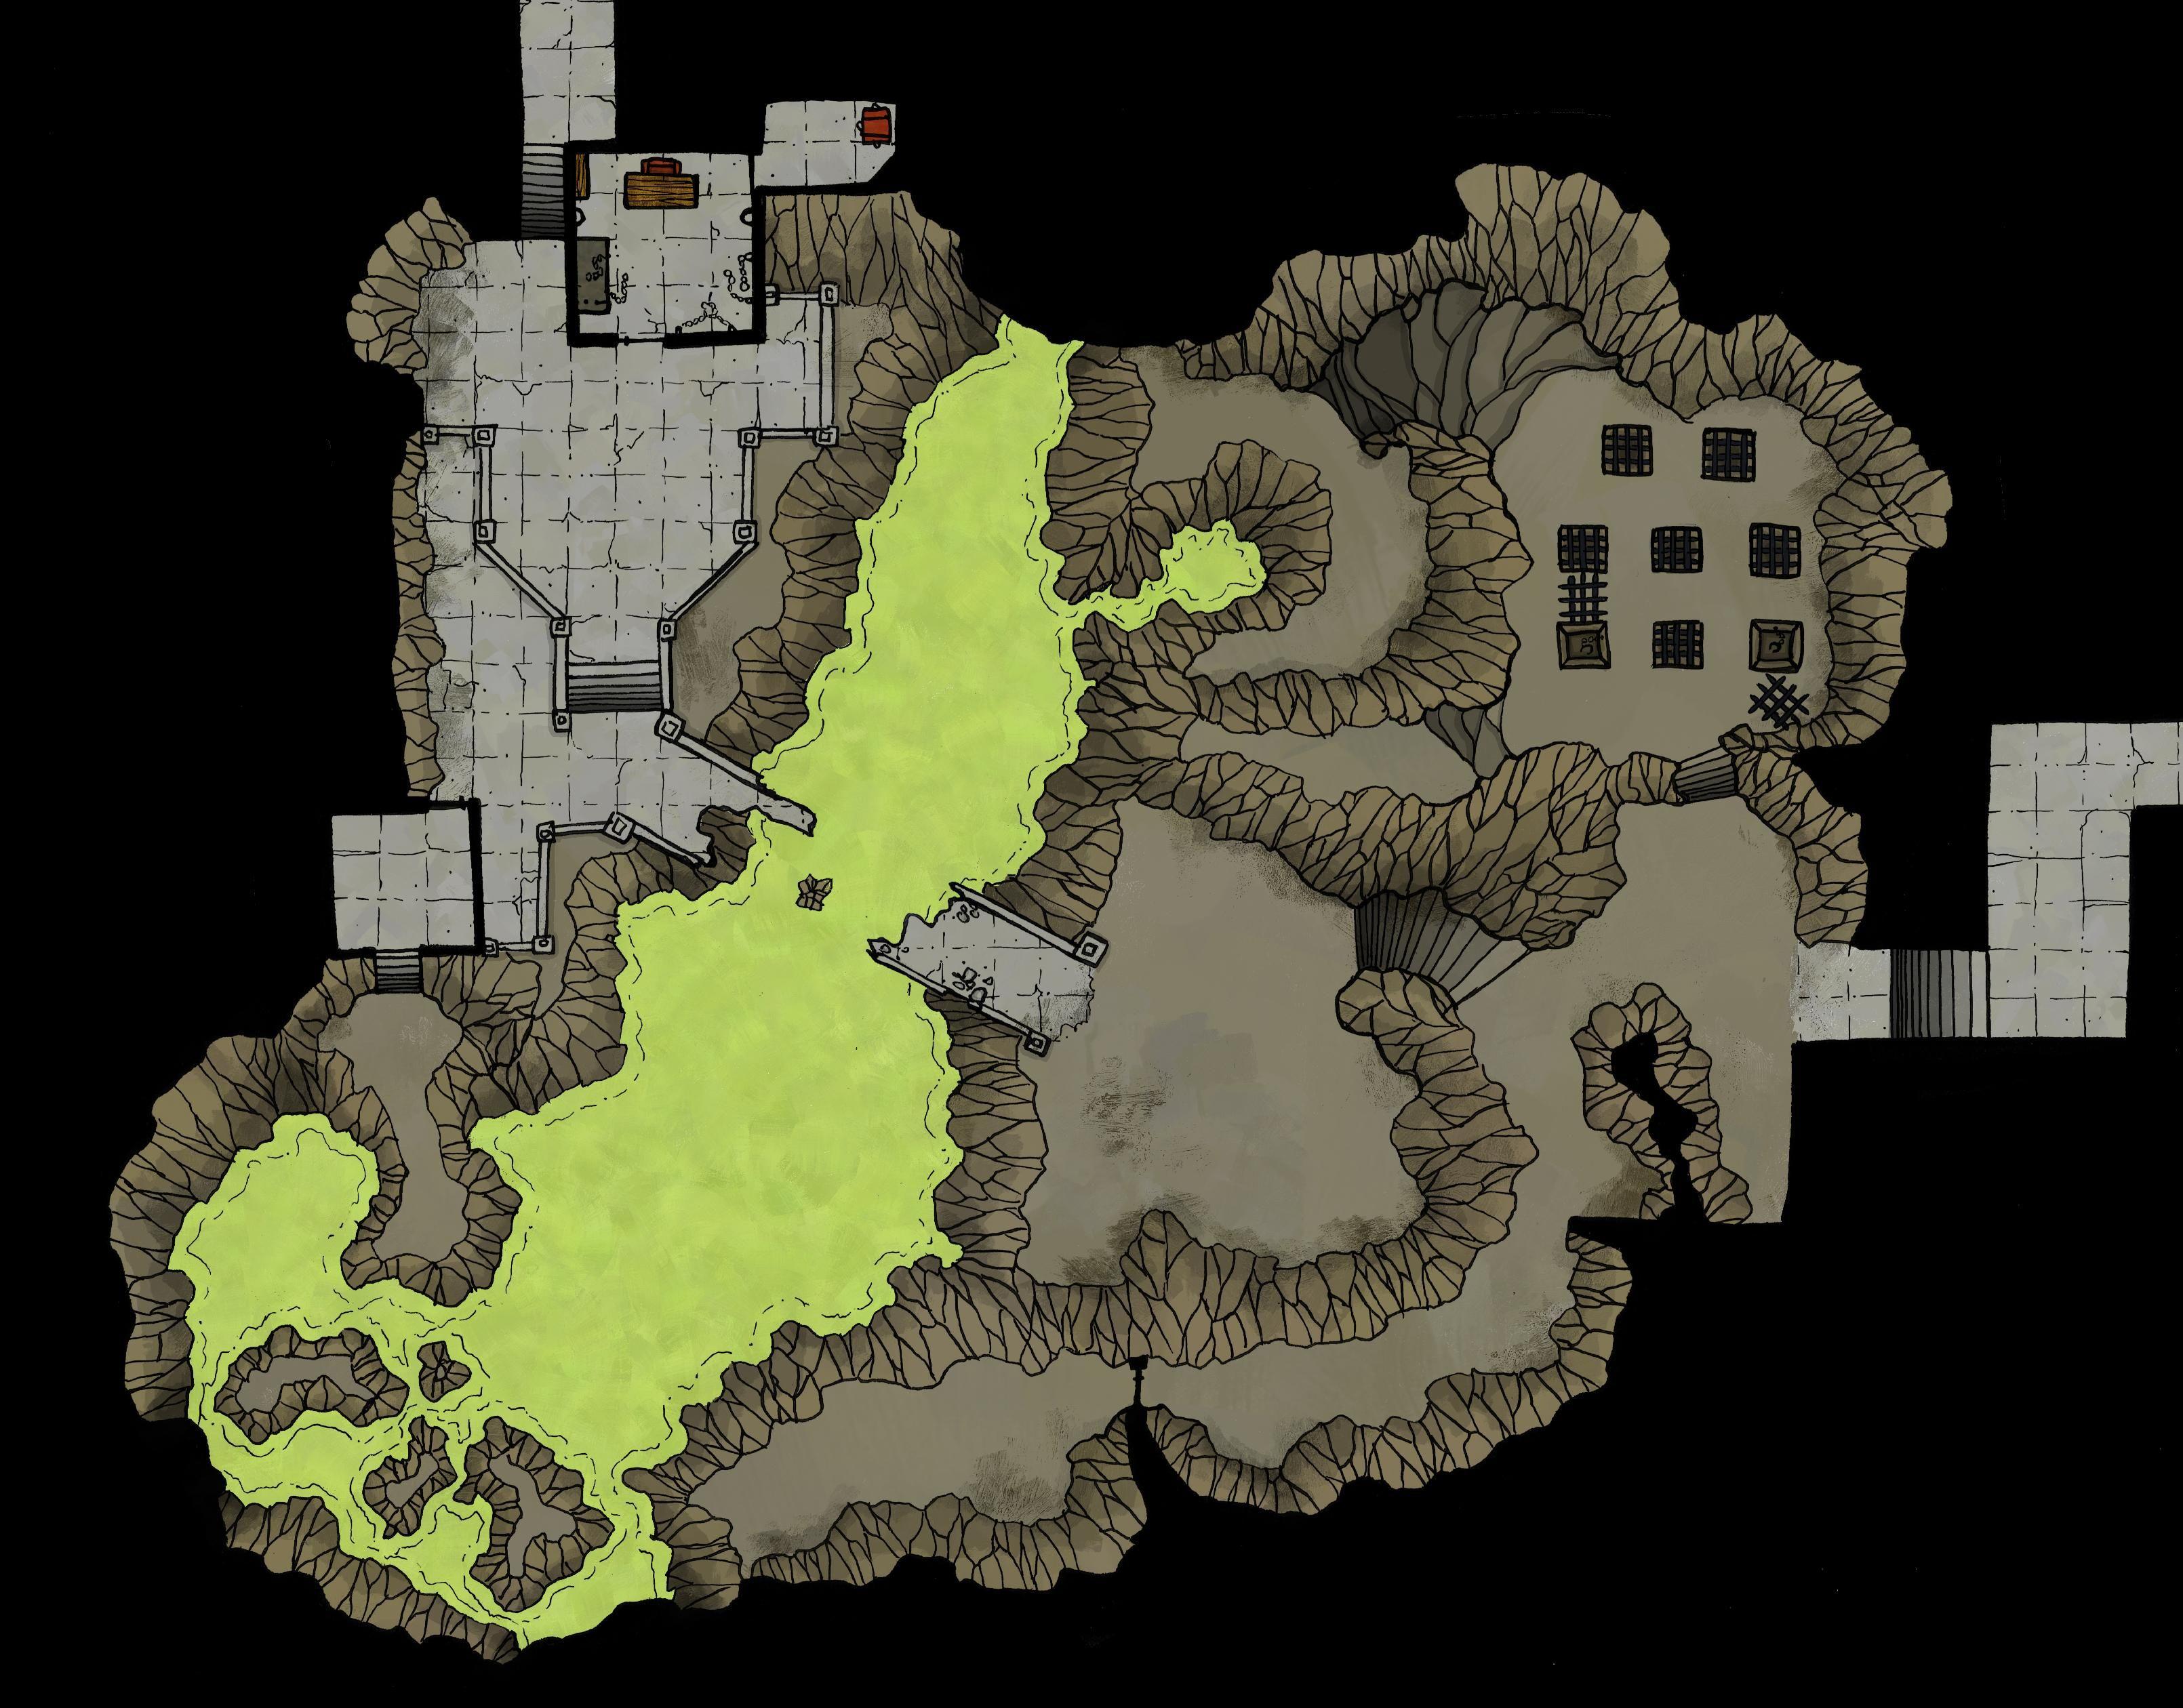 Ruined Dungeon in the Underdark : battlemaps | DnD Maps in 2019